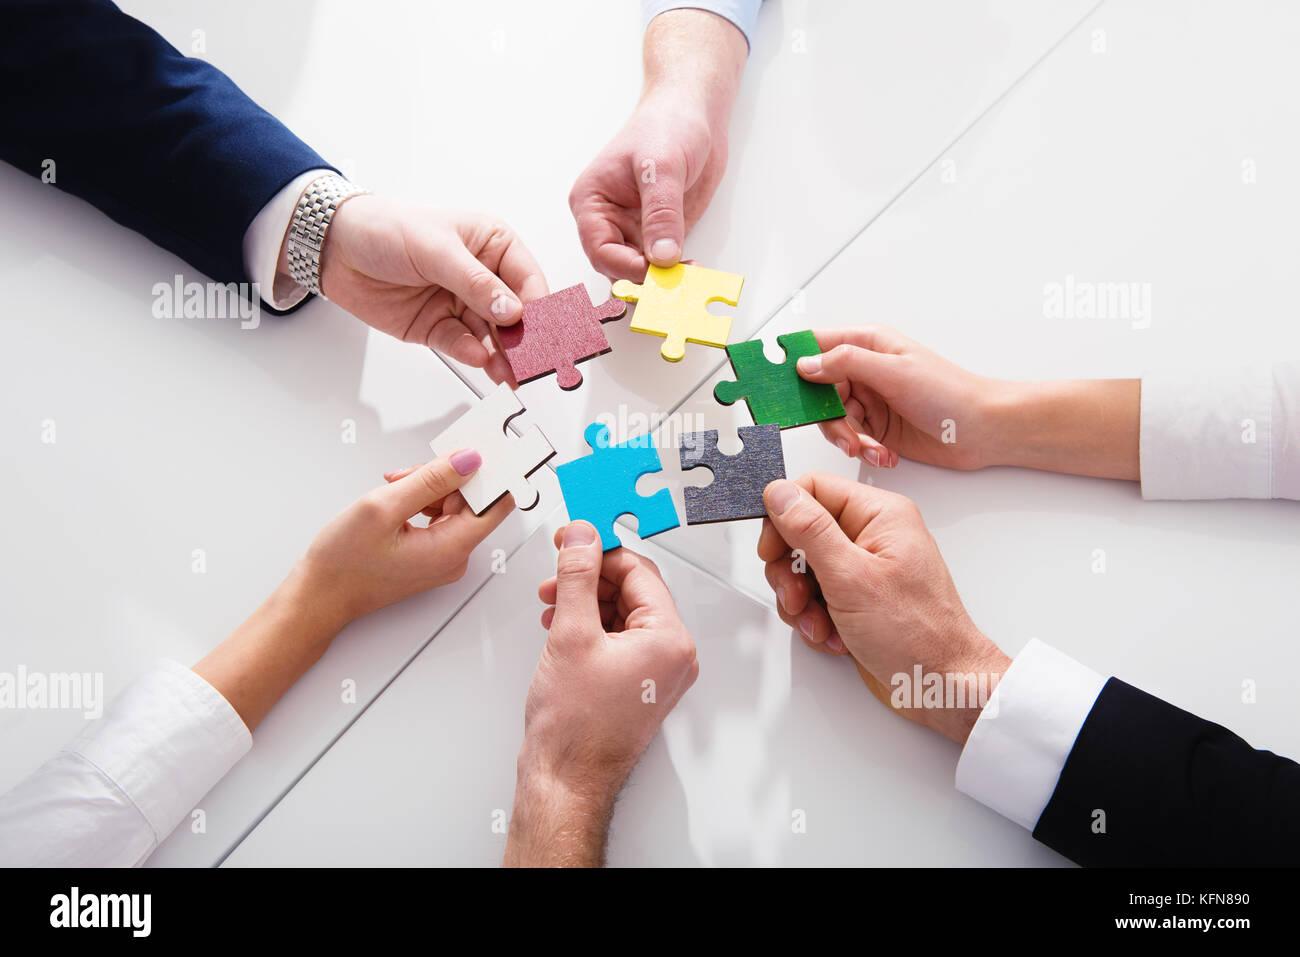 Lavoro di squadra di partner. concetto di integrazione e di avvio con i pezzi del puzzle Immagini Stock